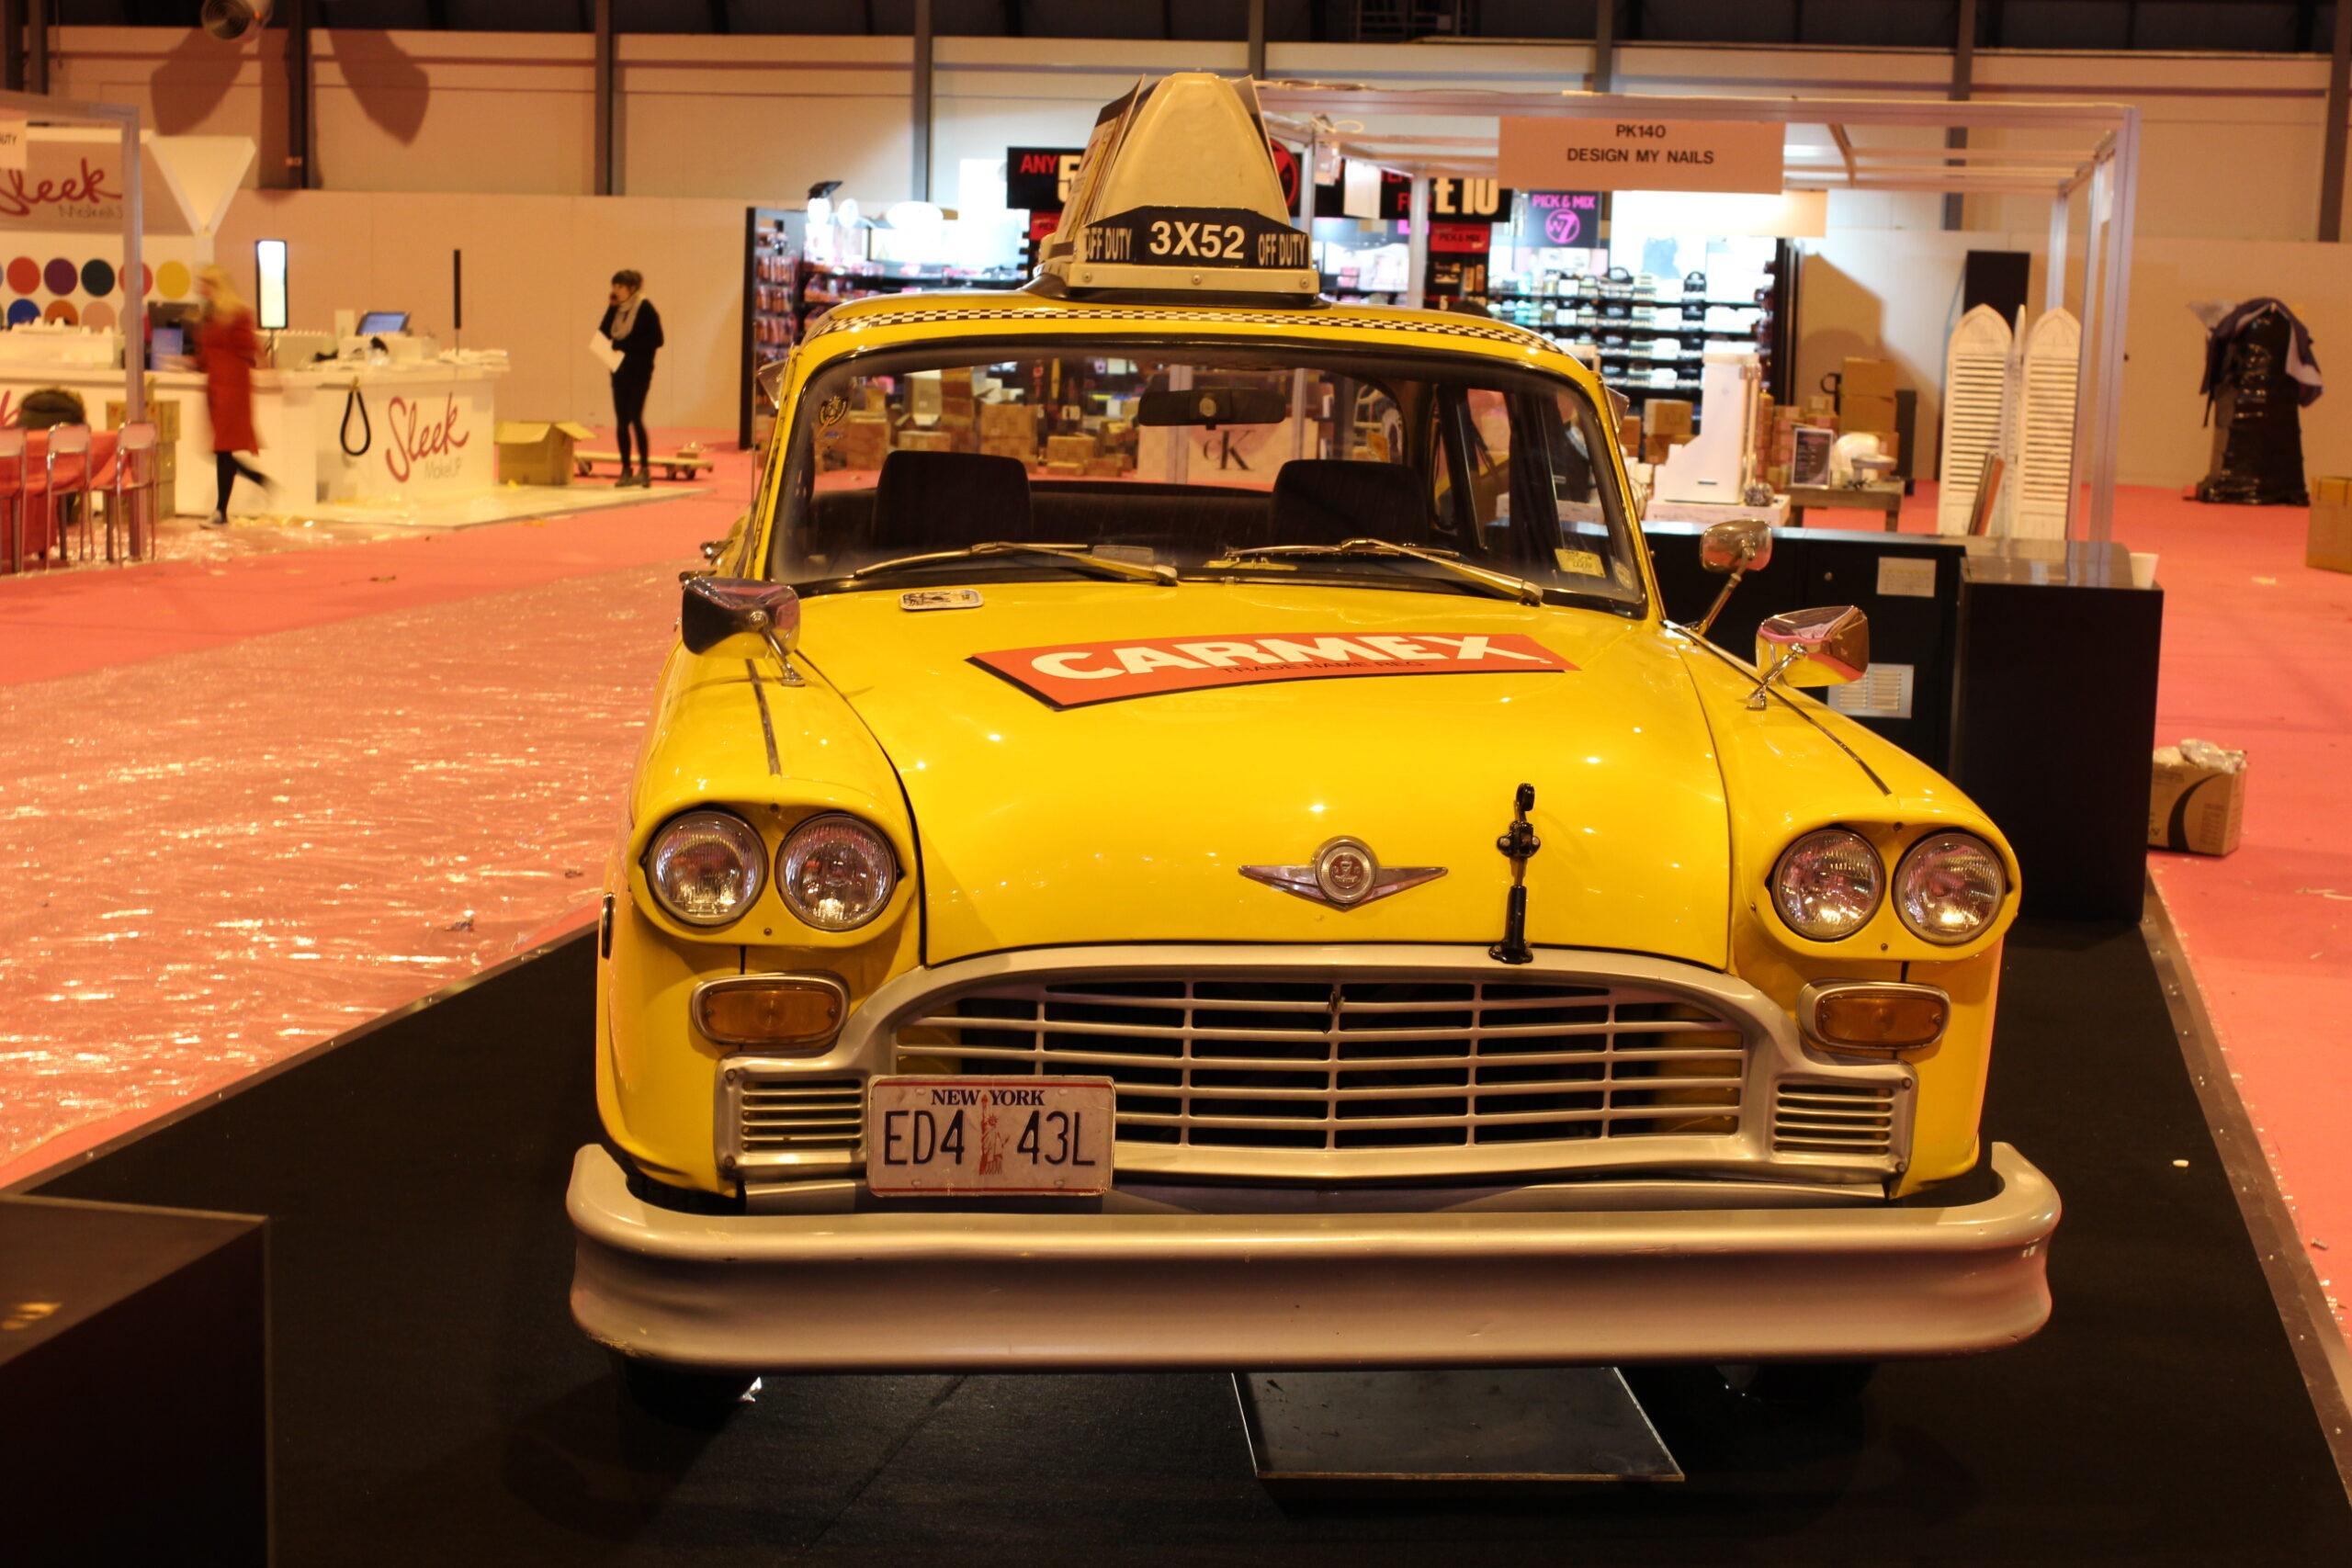 Taxi Photobooth